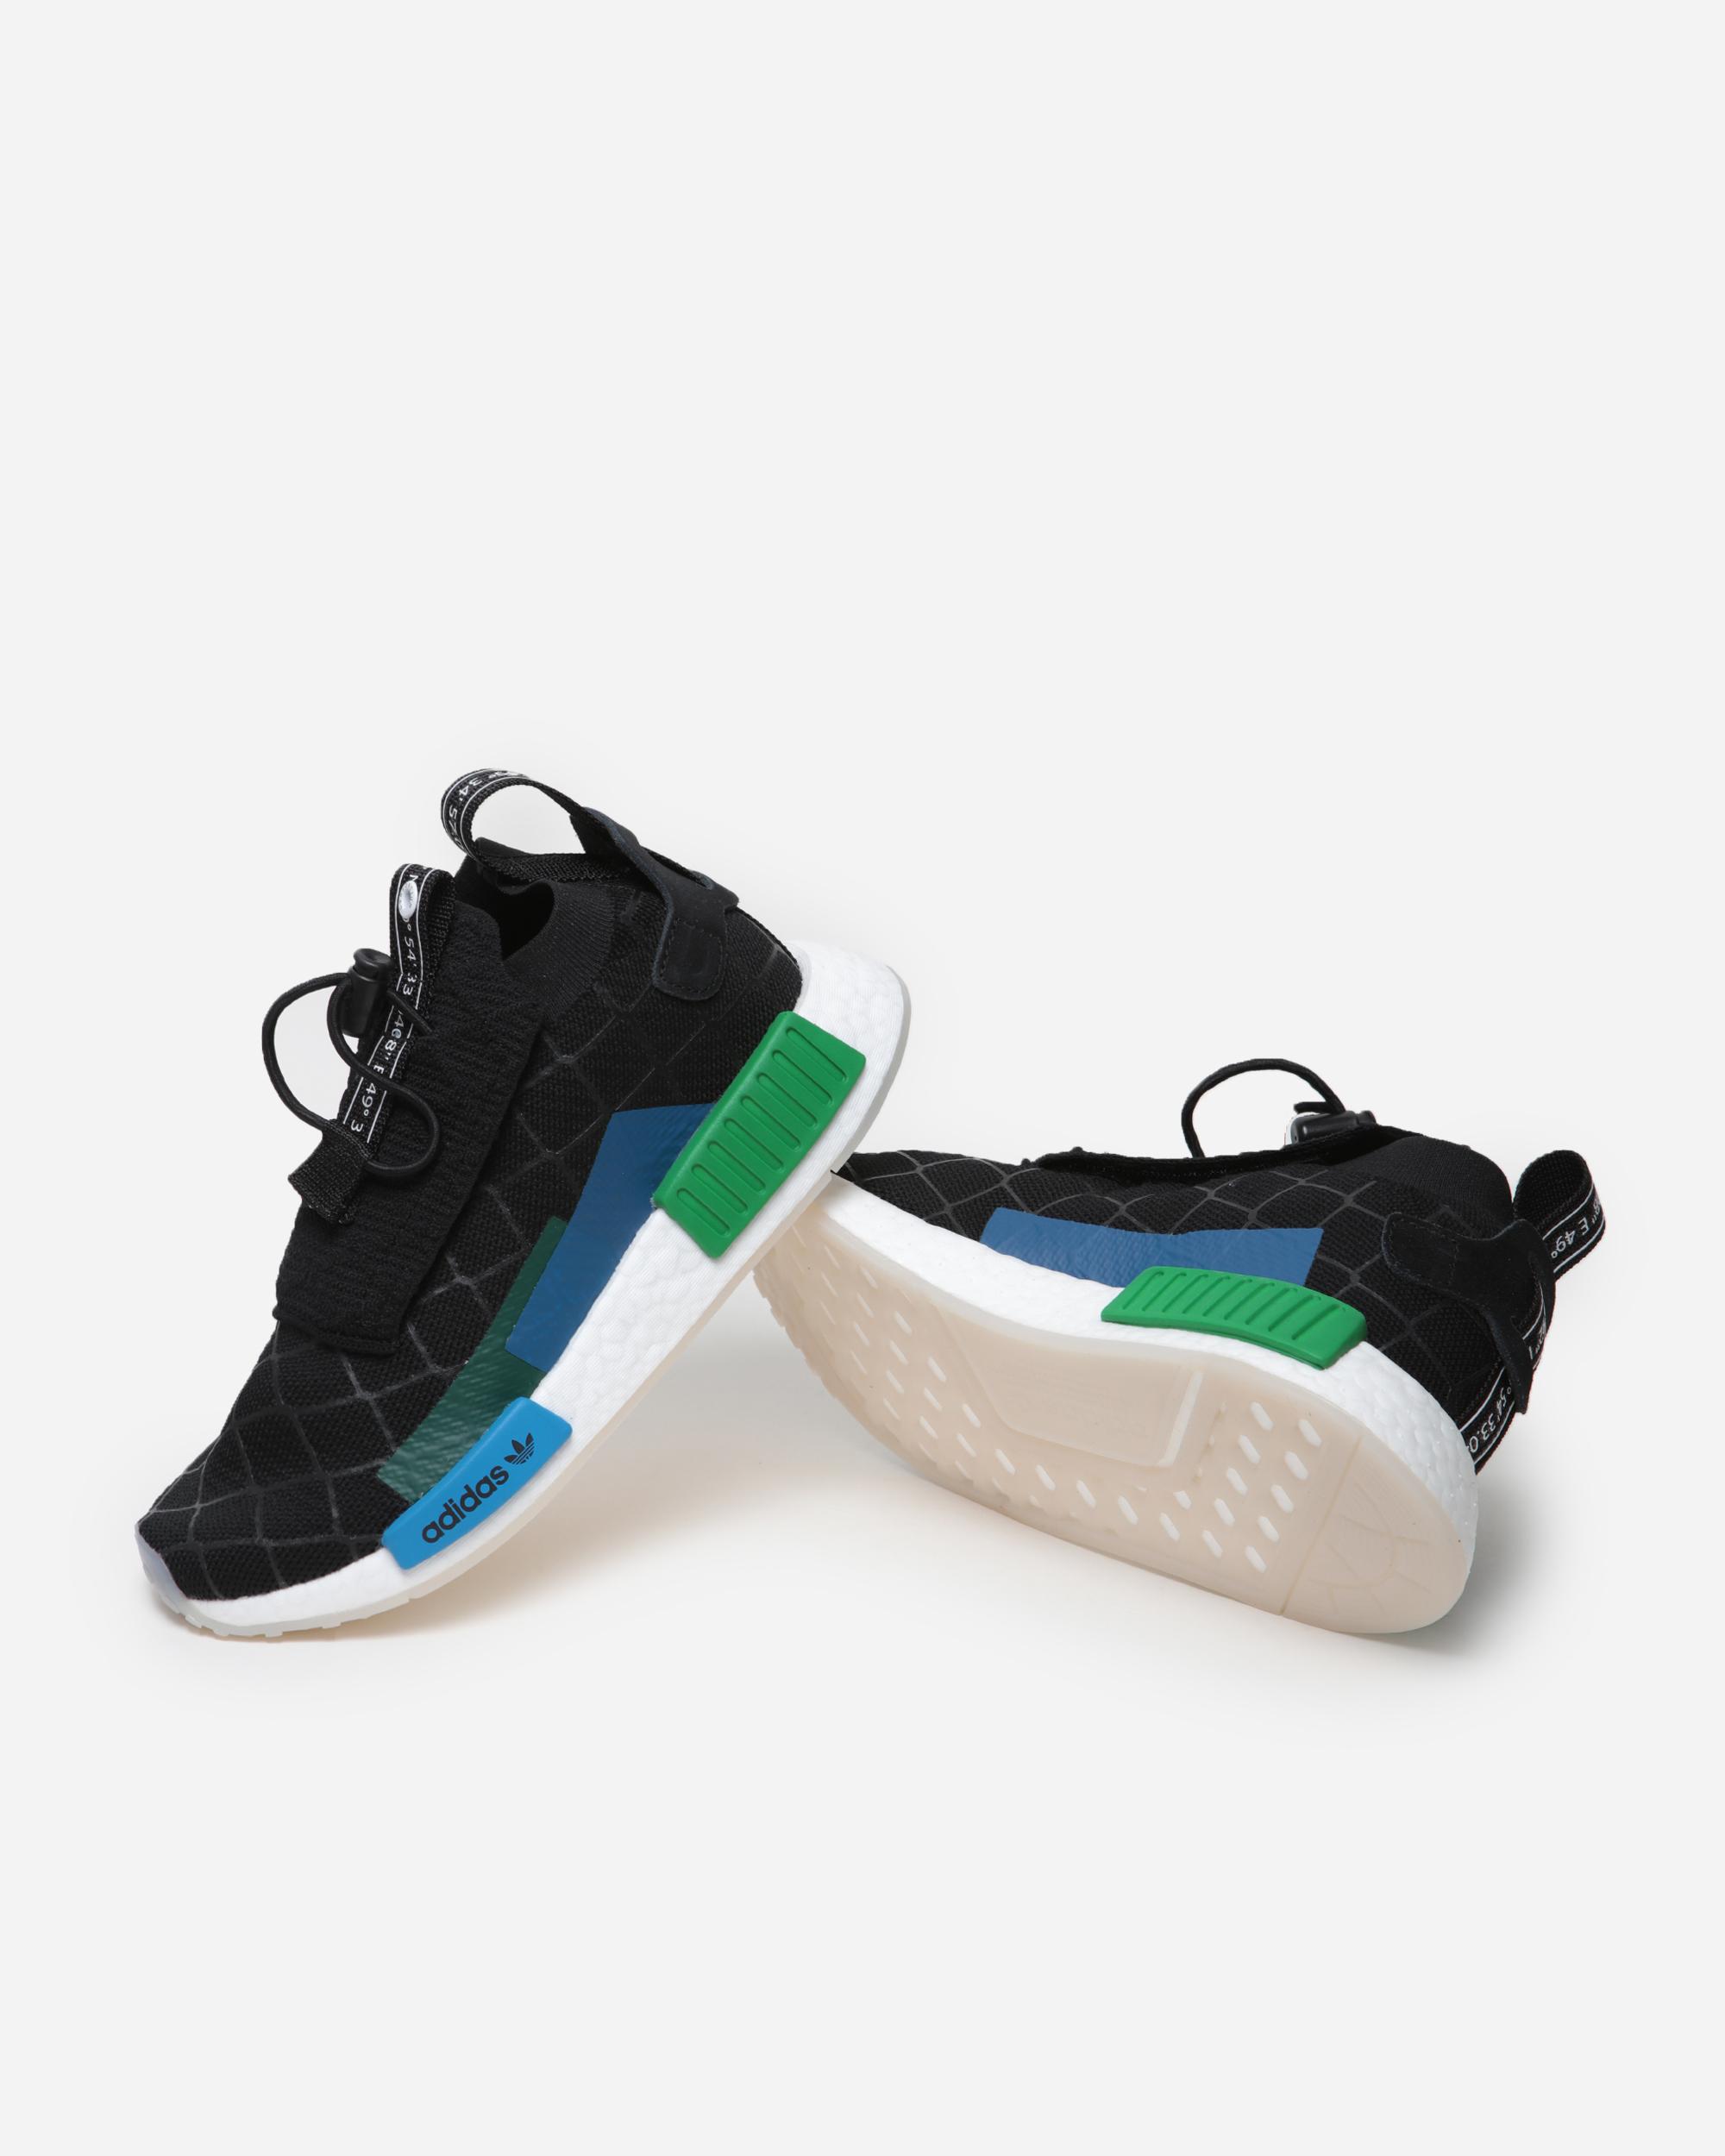 05-adidas-nmd_ts1-pk-mita-cages-coordinates-bc0333